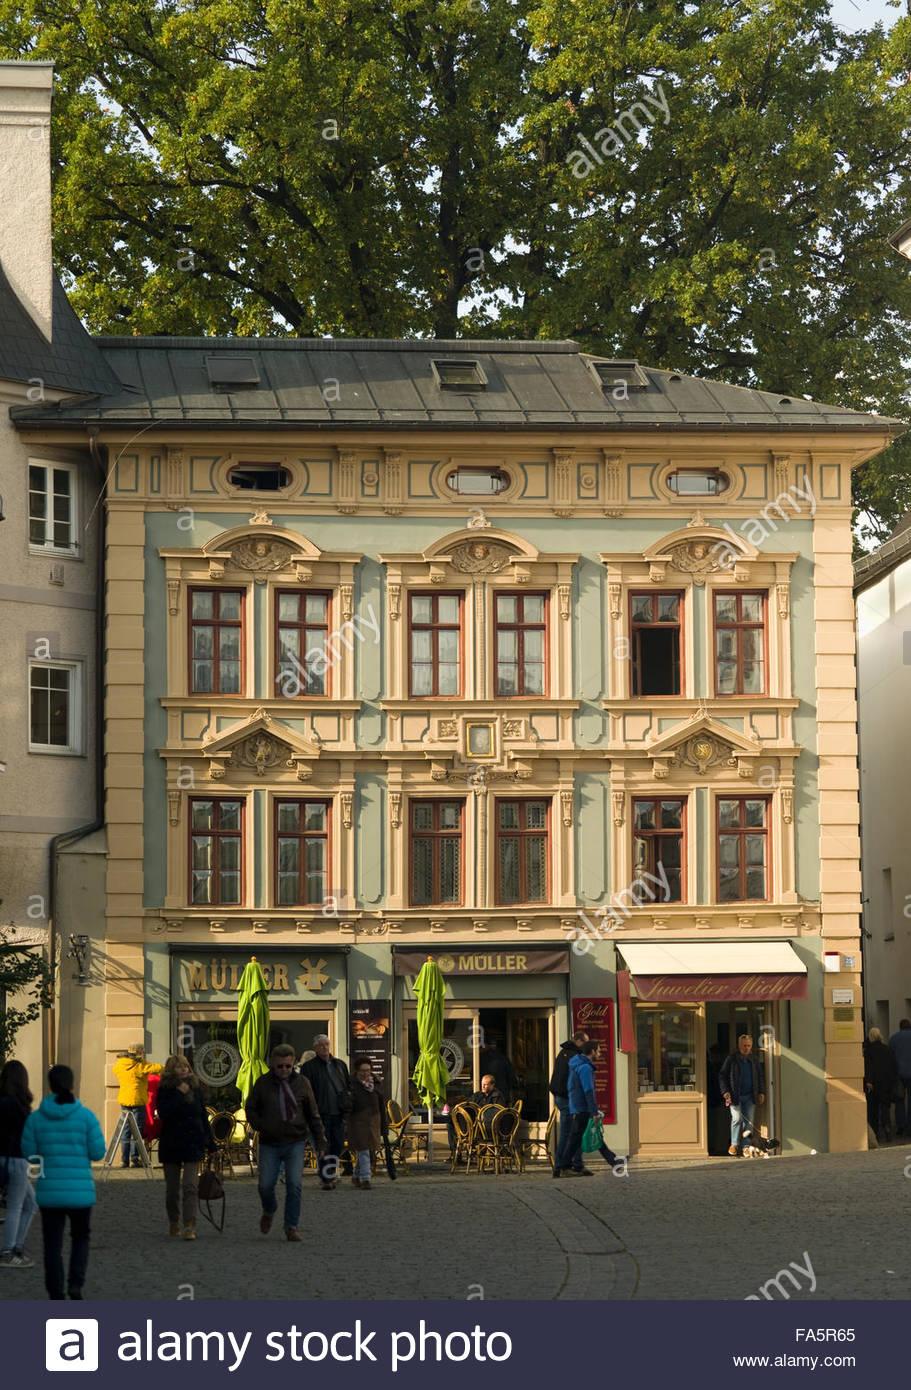 Architektur Rosenheim | Architektur Und Gebaude Rosenheim Deutschland Stockfoto Bild